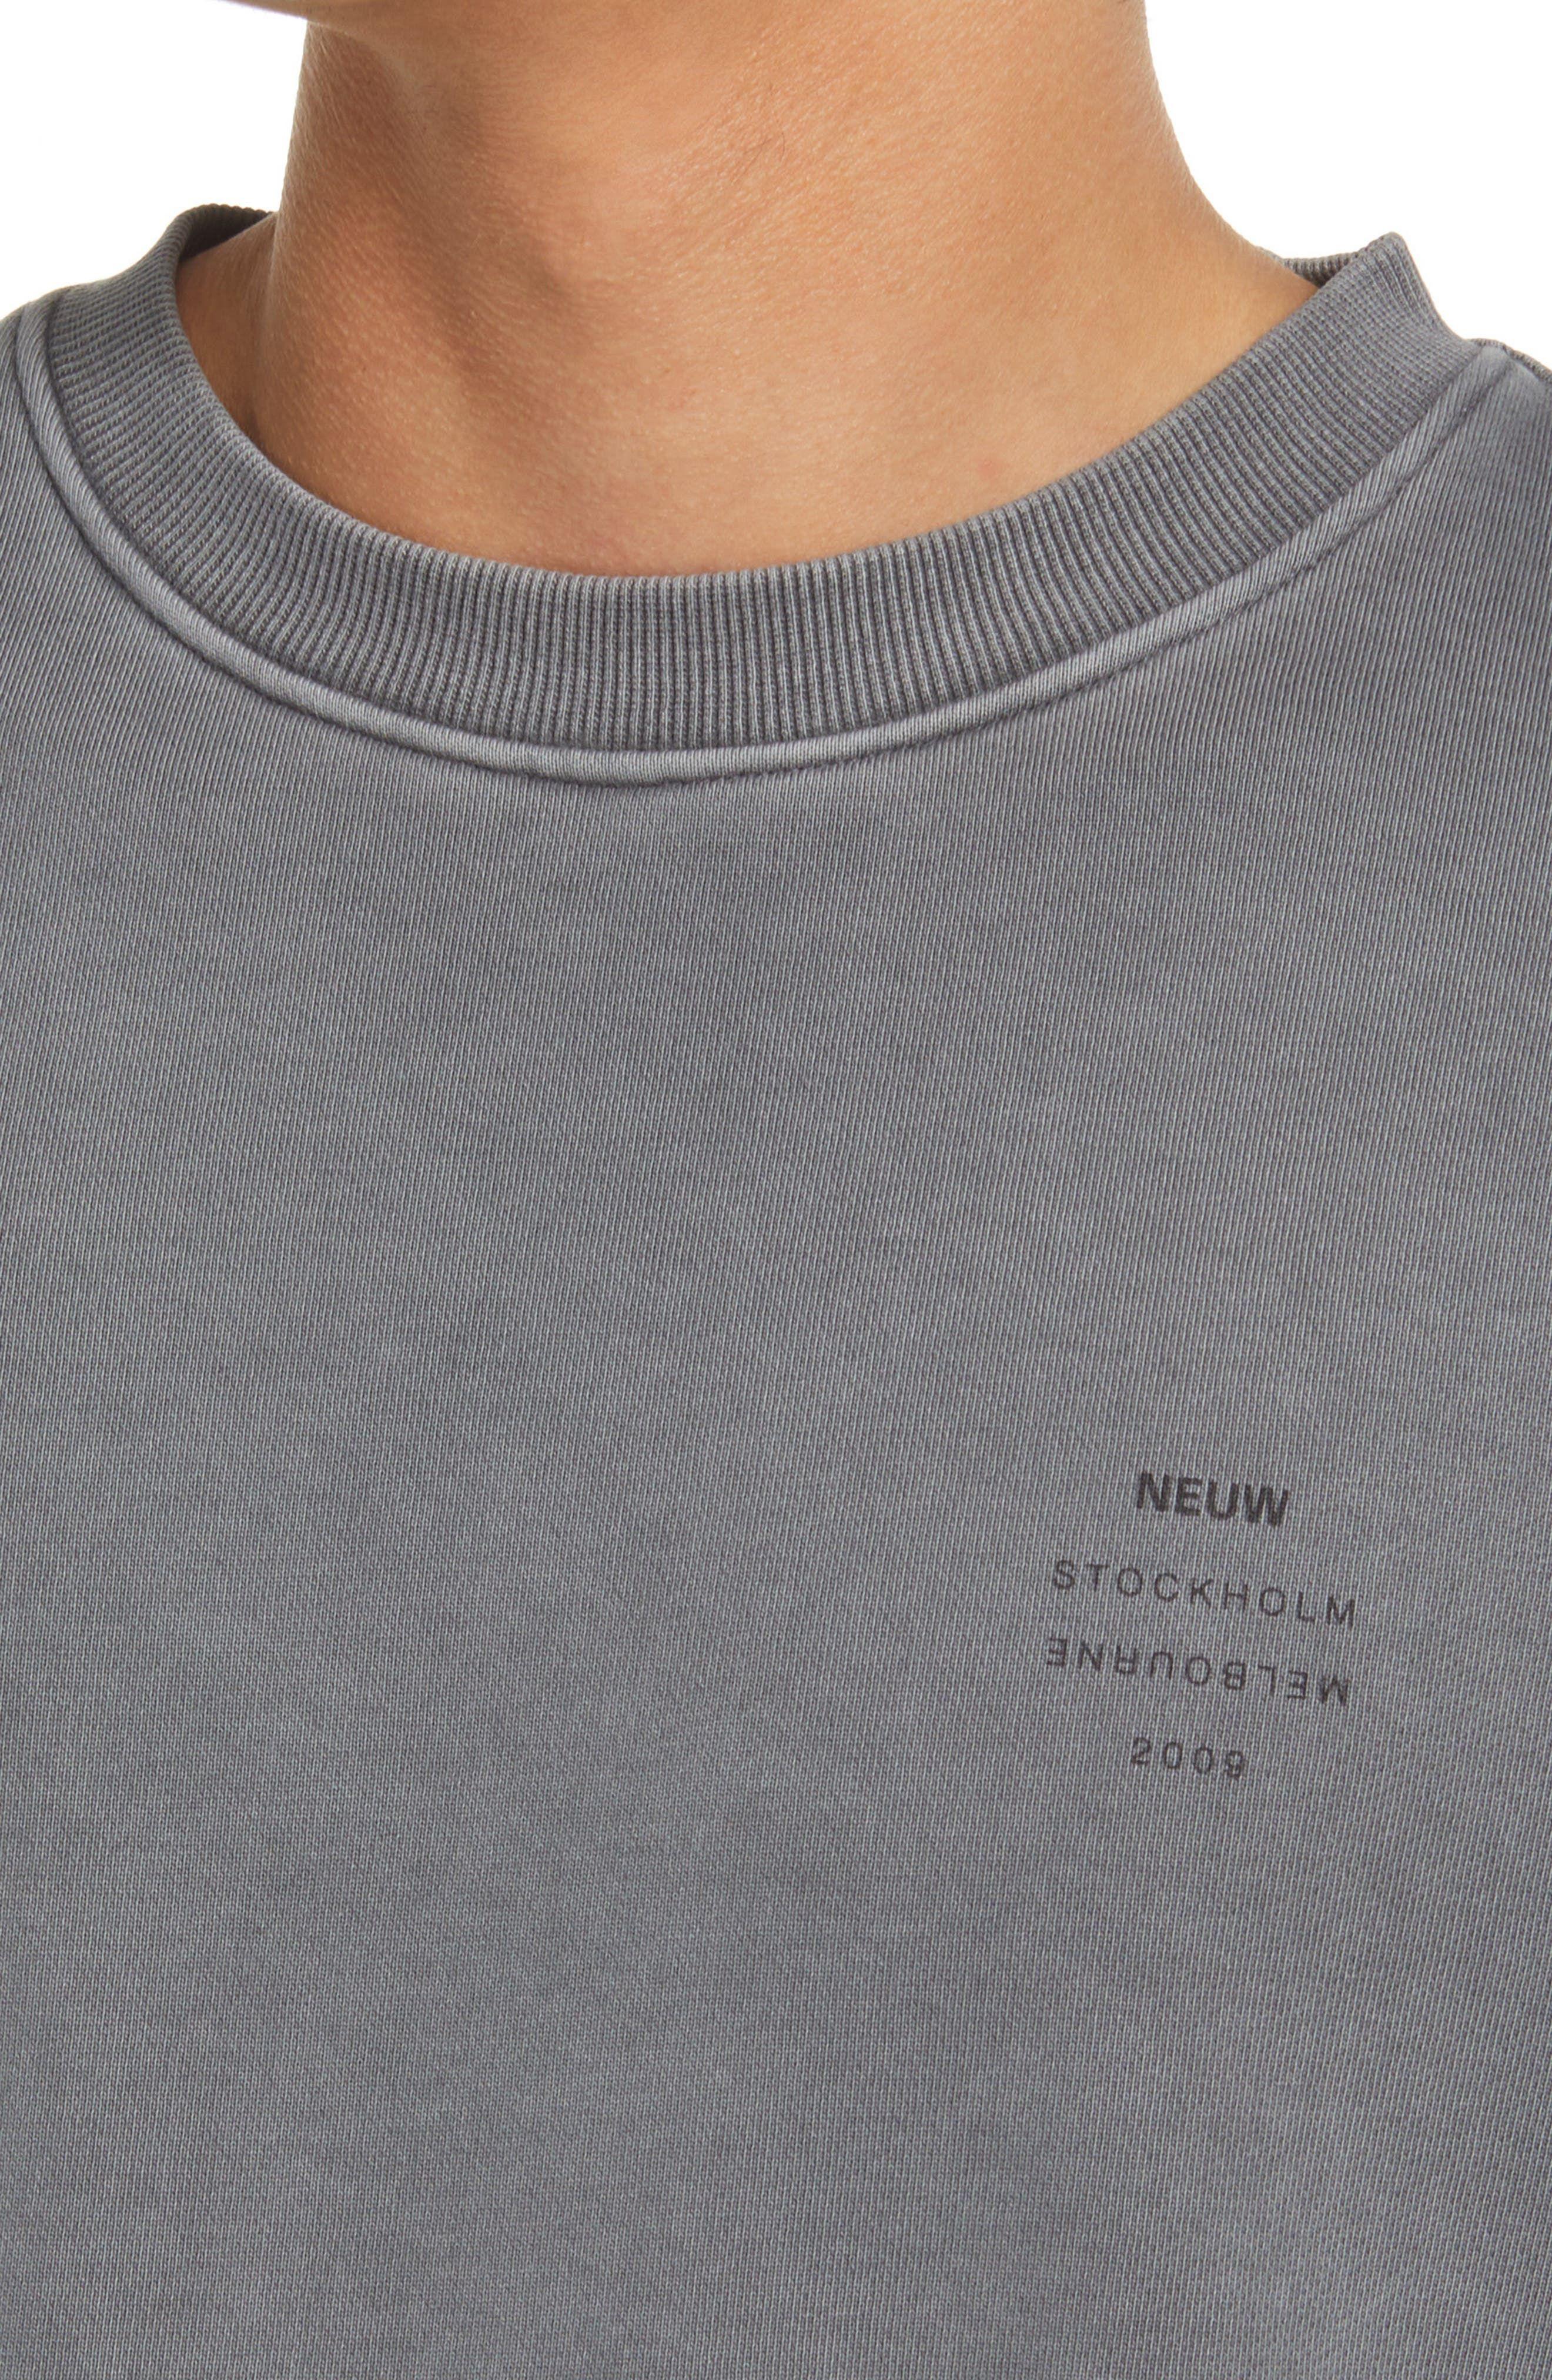 Men's Neuw Denim Logo Sweatshirt, Size Medium - Grey